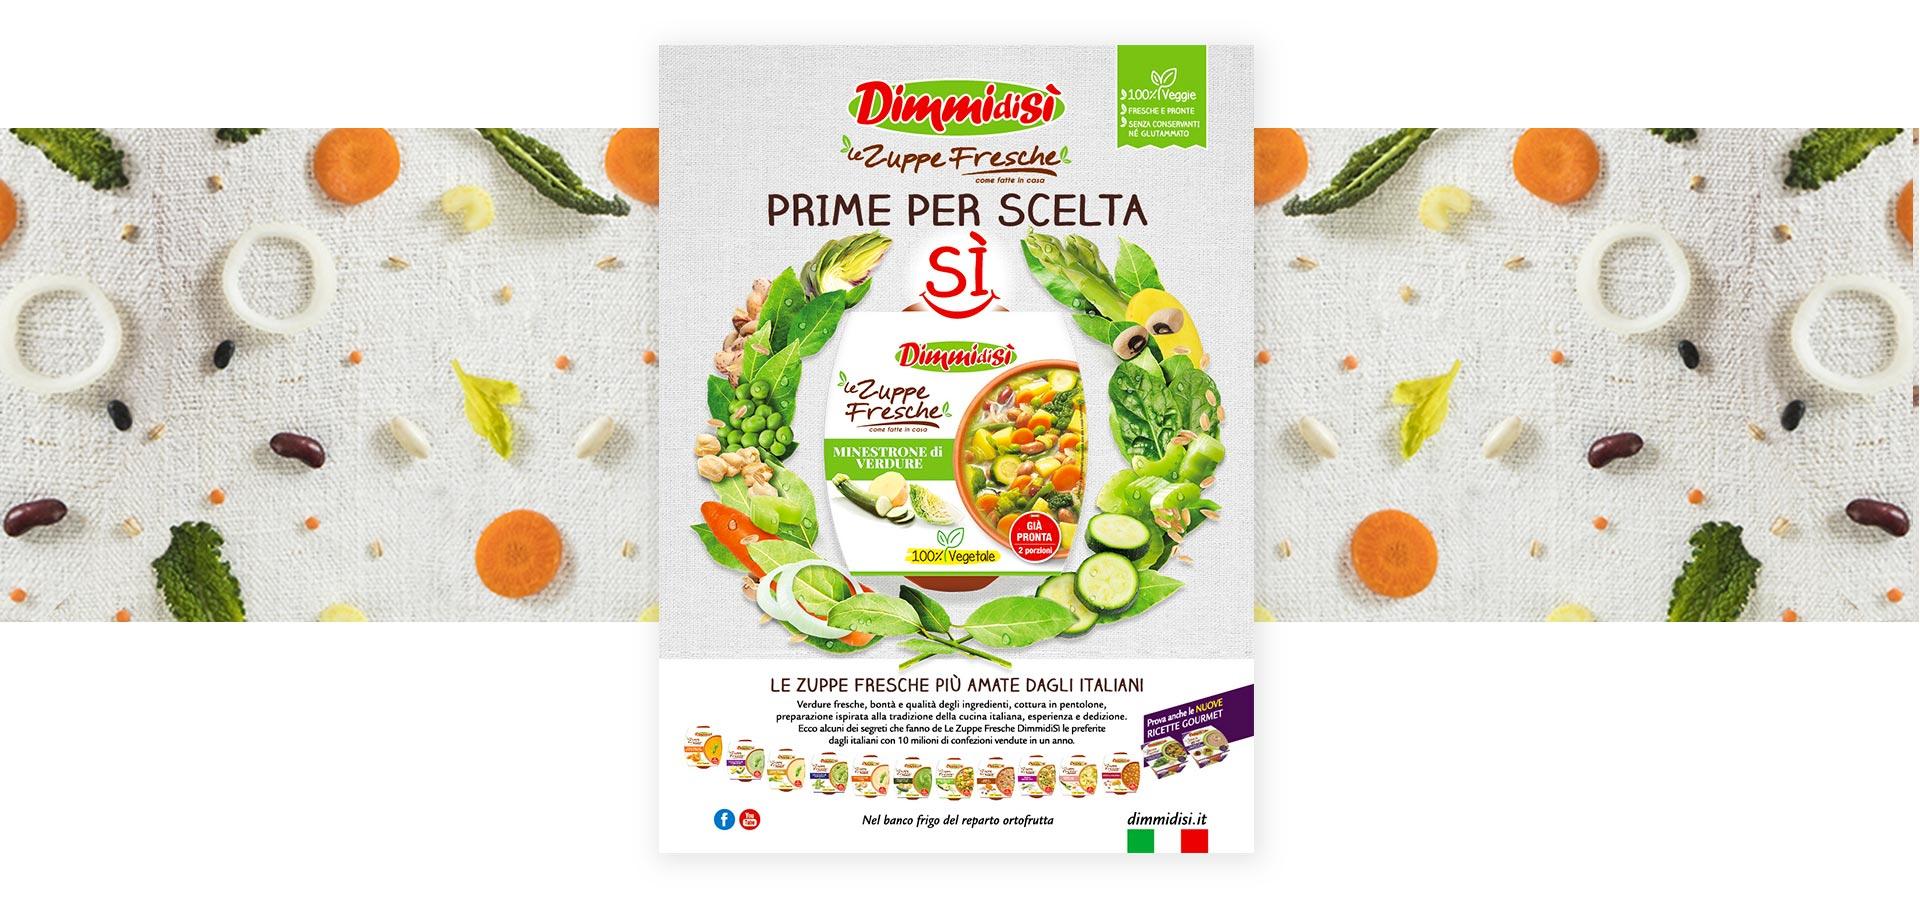 Dimmidisi-adv-zuppe-fresche